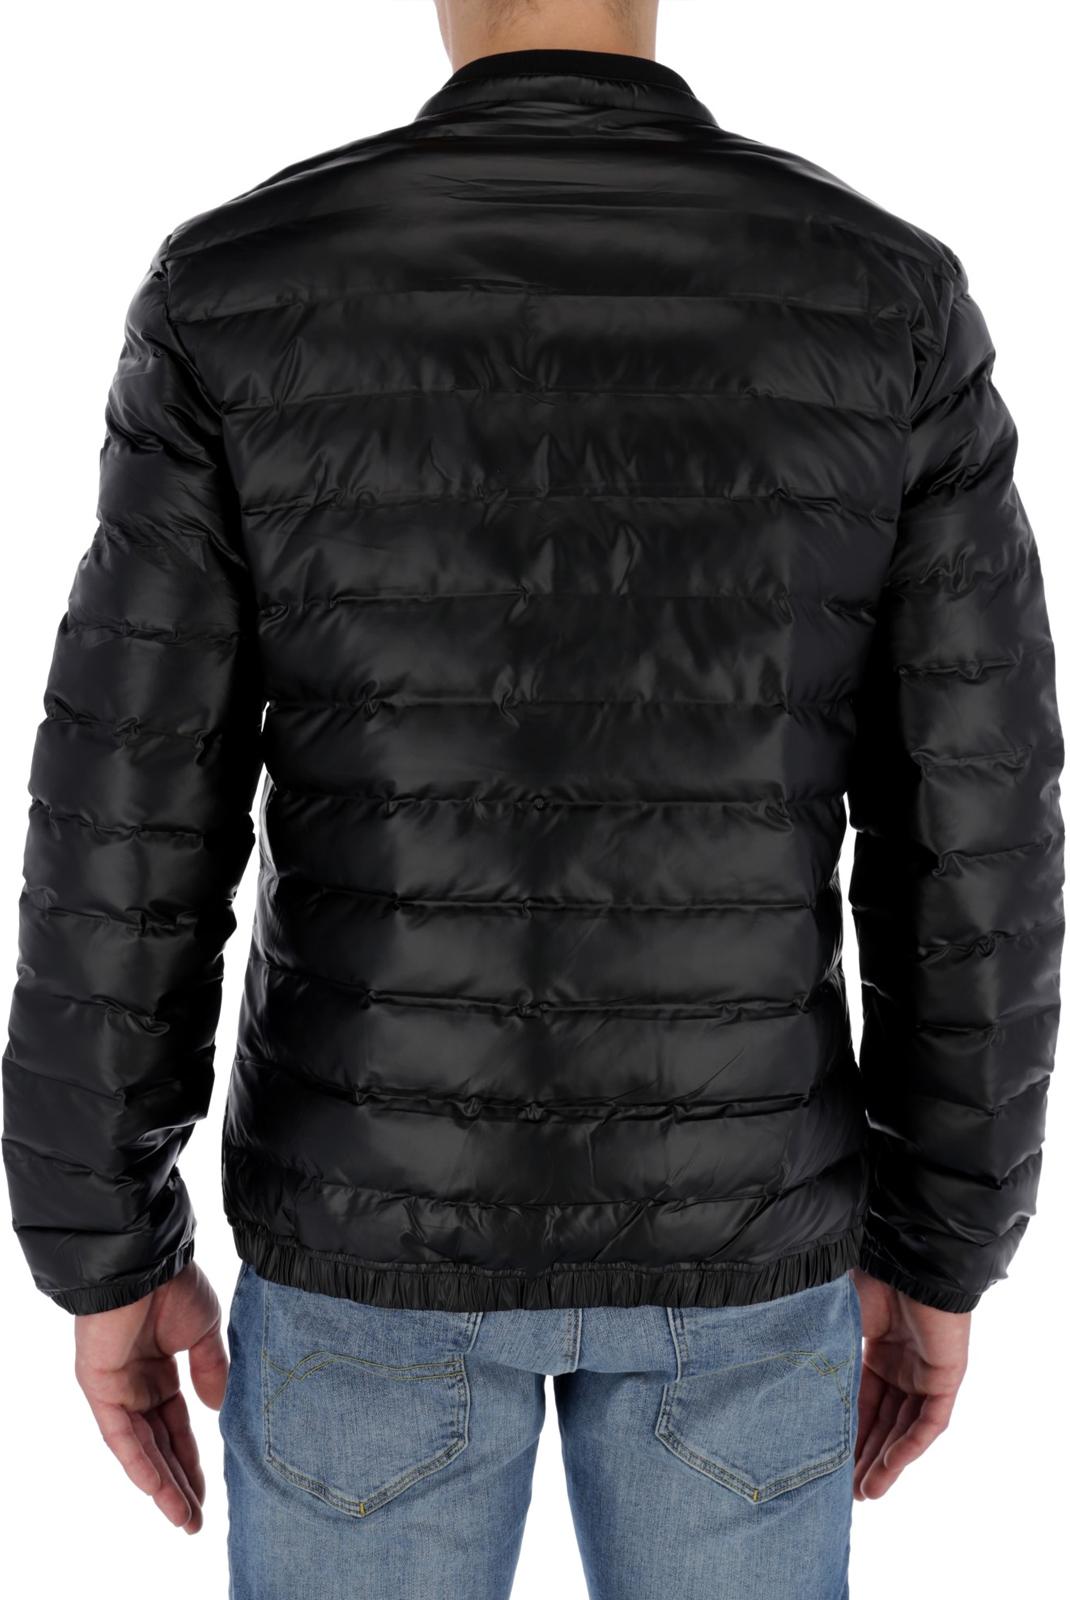 Blousons / doudounes  Guess jeans M83L03 WAB00 JBLK